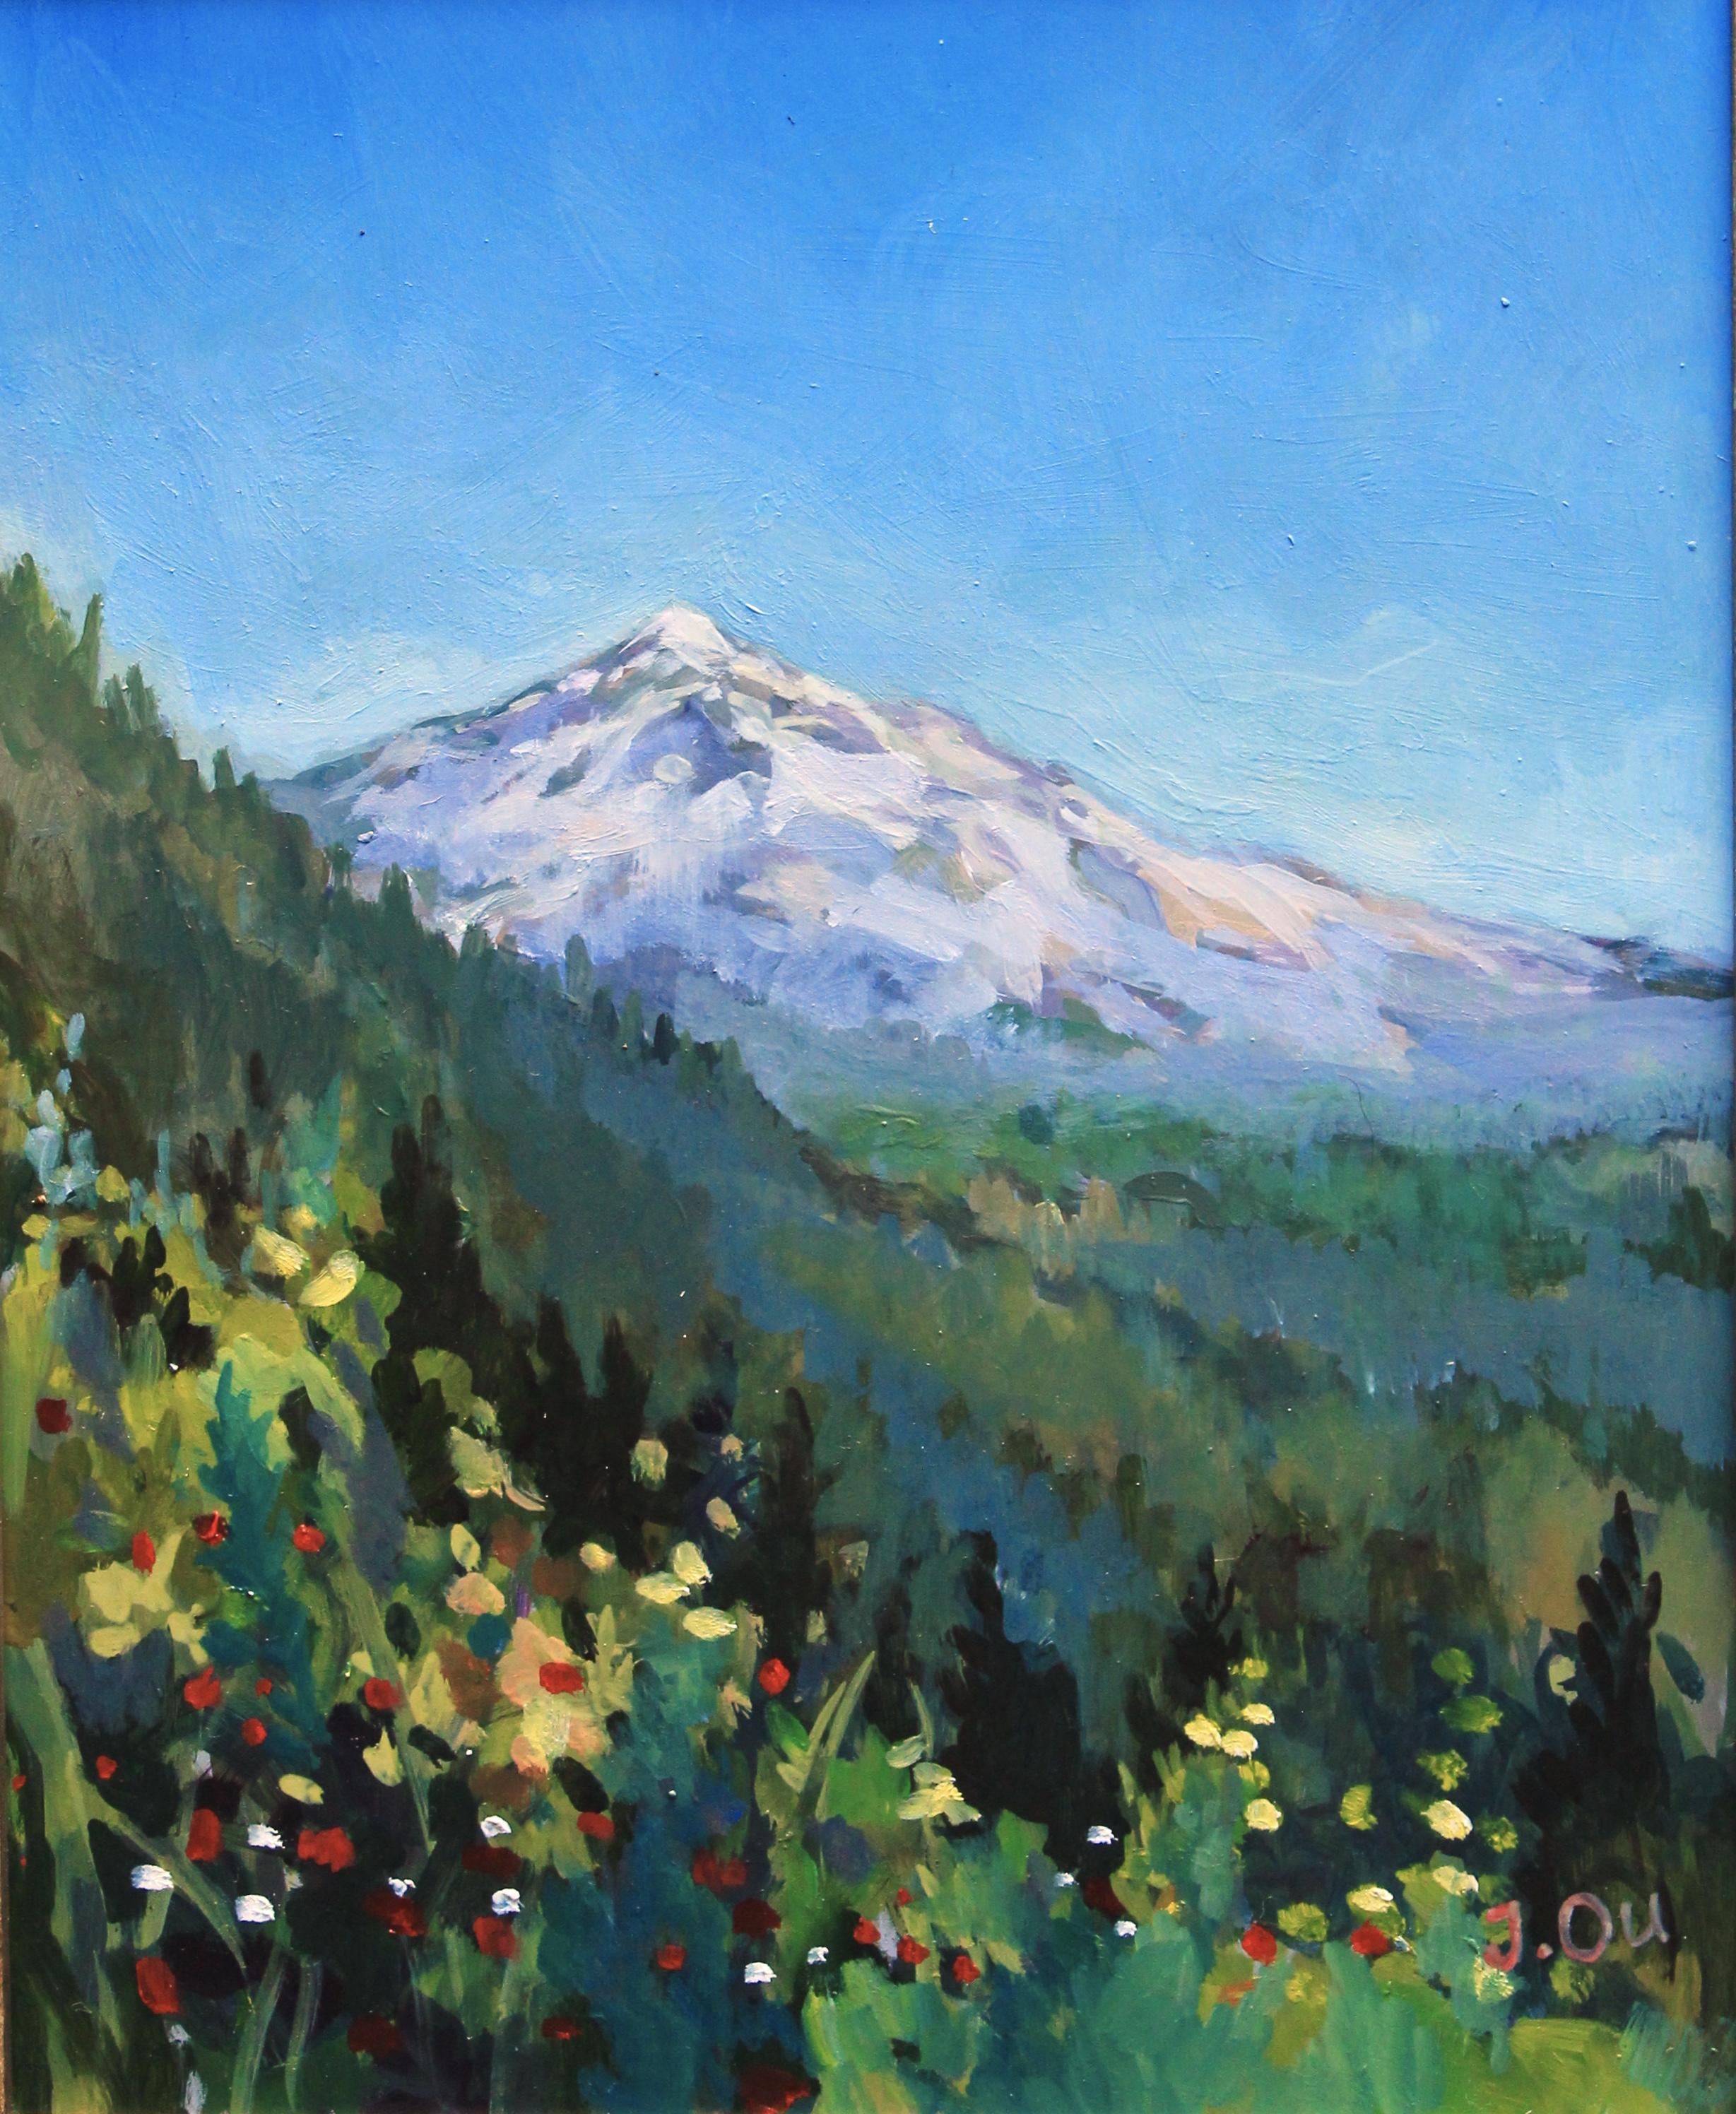 Mt. Hood (No.3)  8x10, oil on panel.